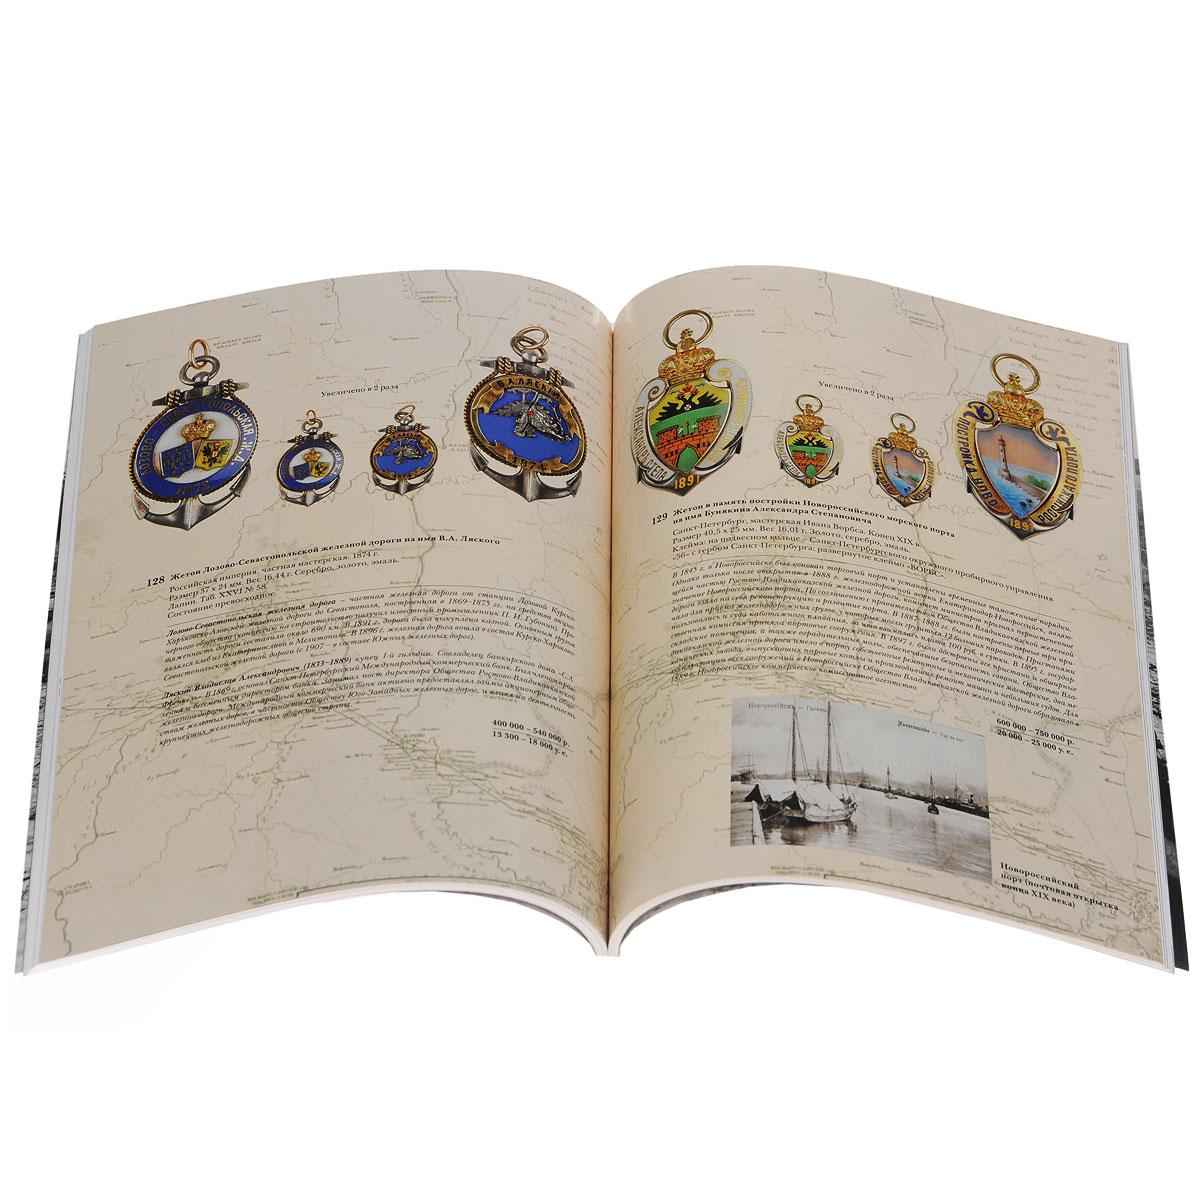 Ордена, медали, знаки Российской империи. Предметы истории. Аукцион №13 (27)